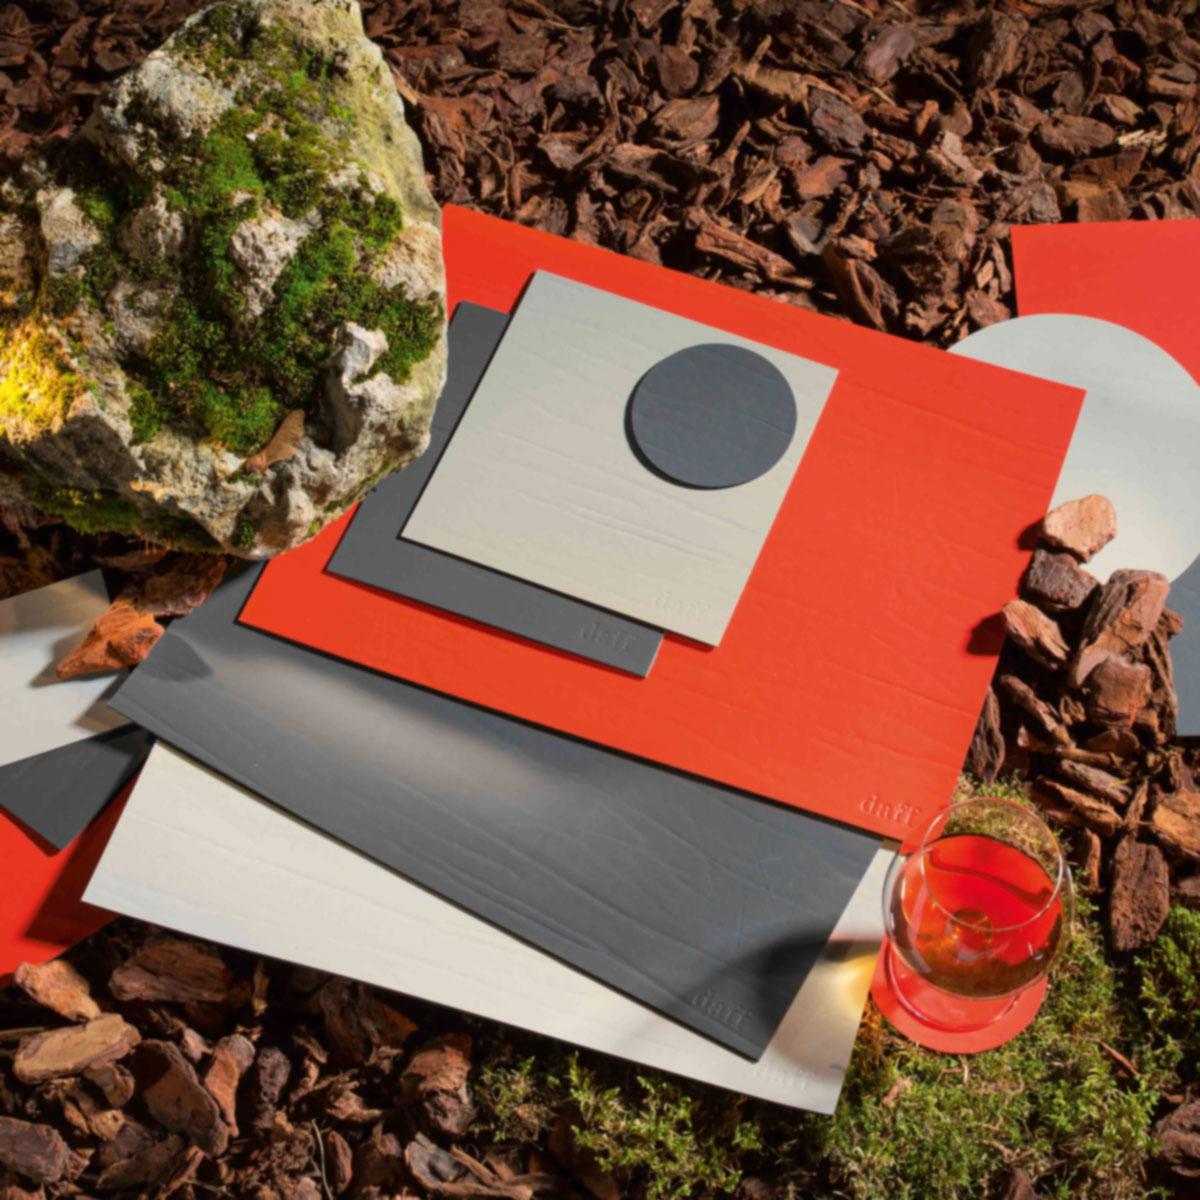 leatherixx Tischset aus recyceltem Leder 31 x 42cm von daff